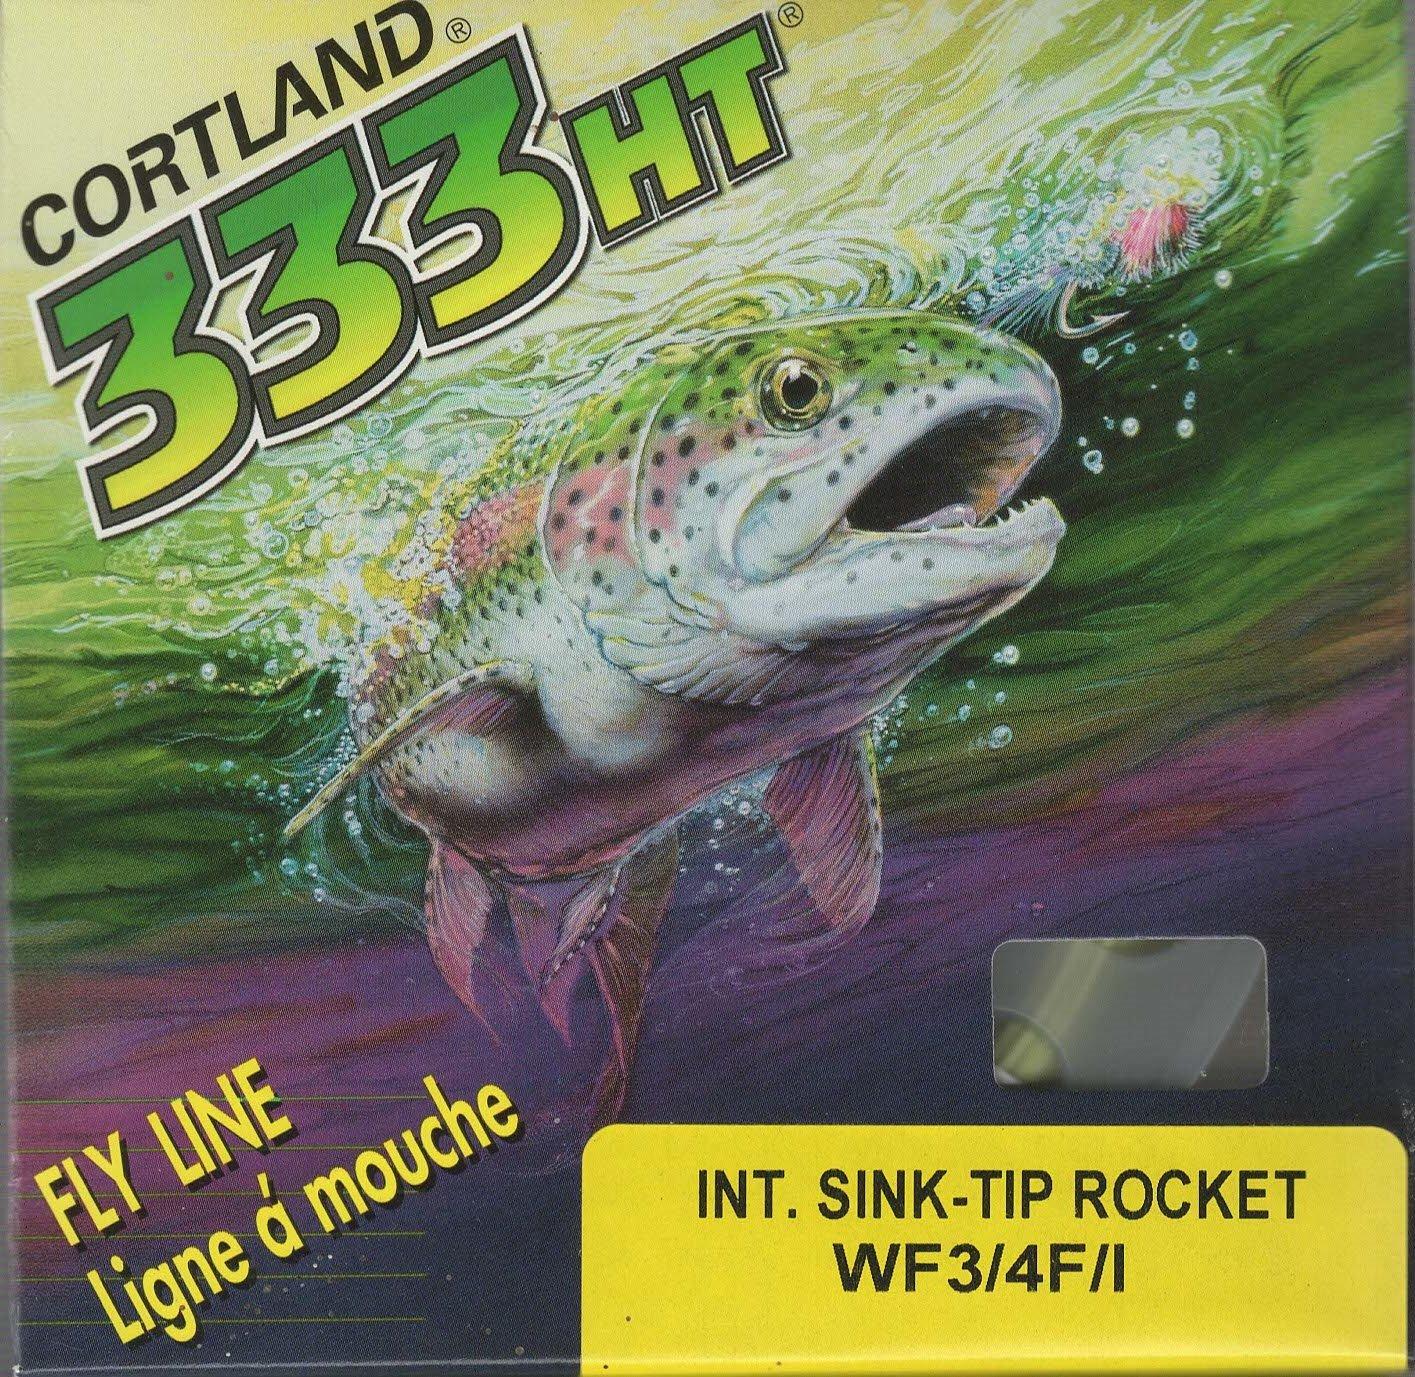 【激安アウトレット!】 Cortland X中間sink-tip wf3 B0771RKZ9P/ 4 Line Fly Line wf3 27ヤード B0771RKZ9P, トヨハシシ:155b74af --- a0267596.xsph.ru